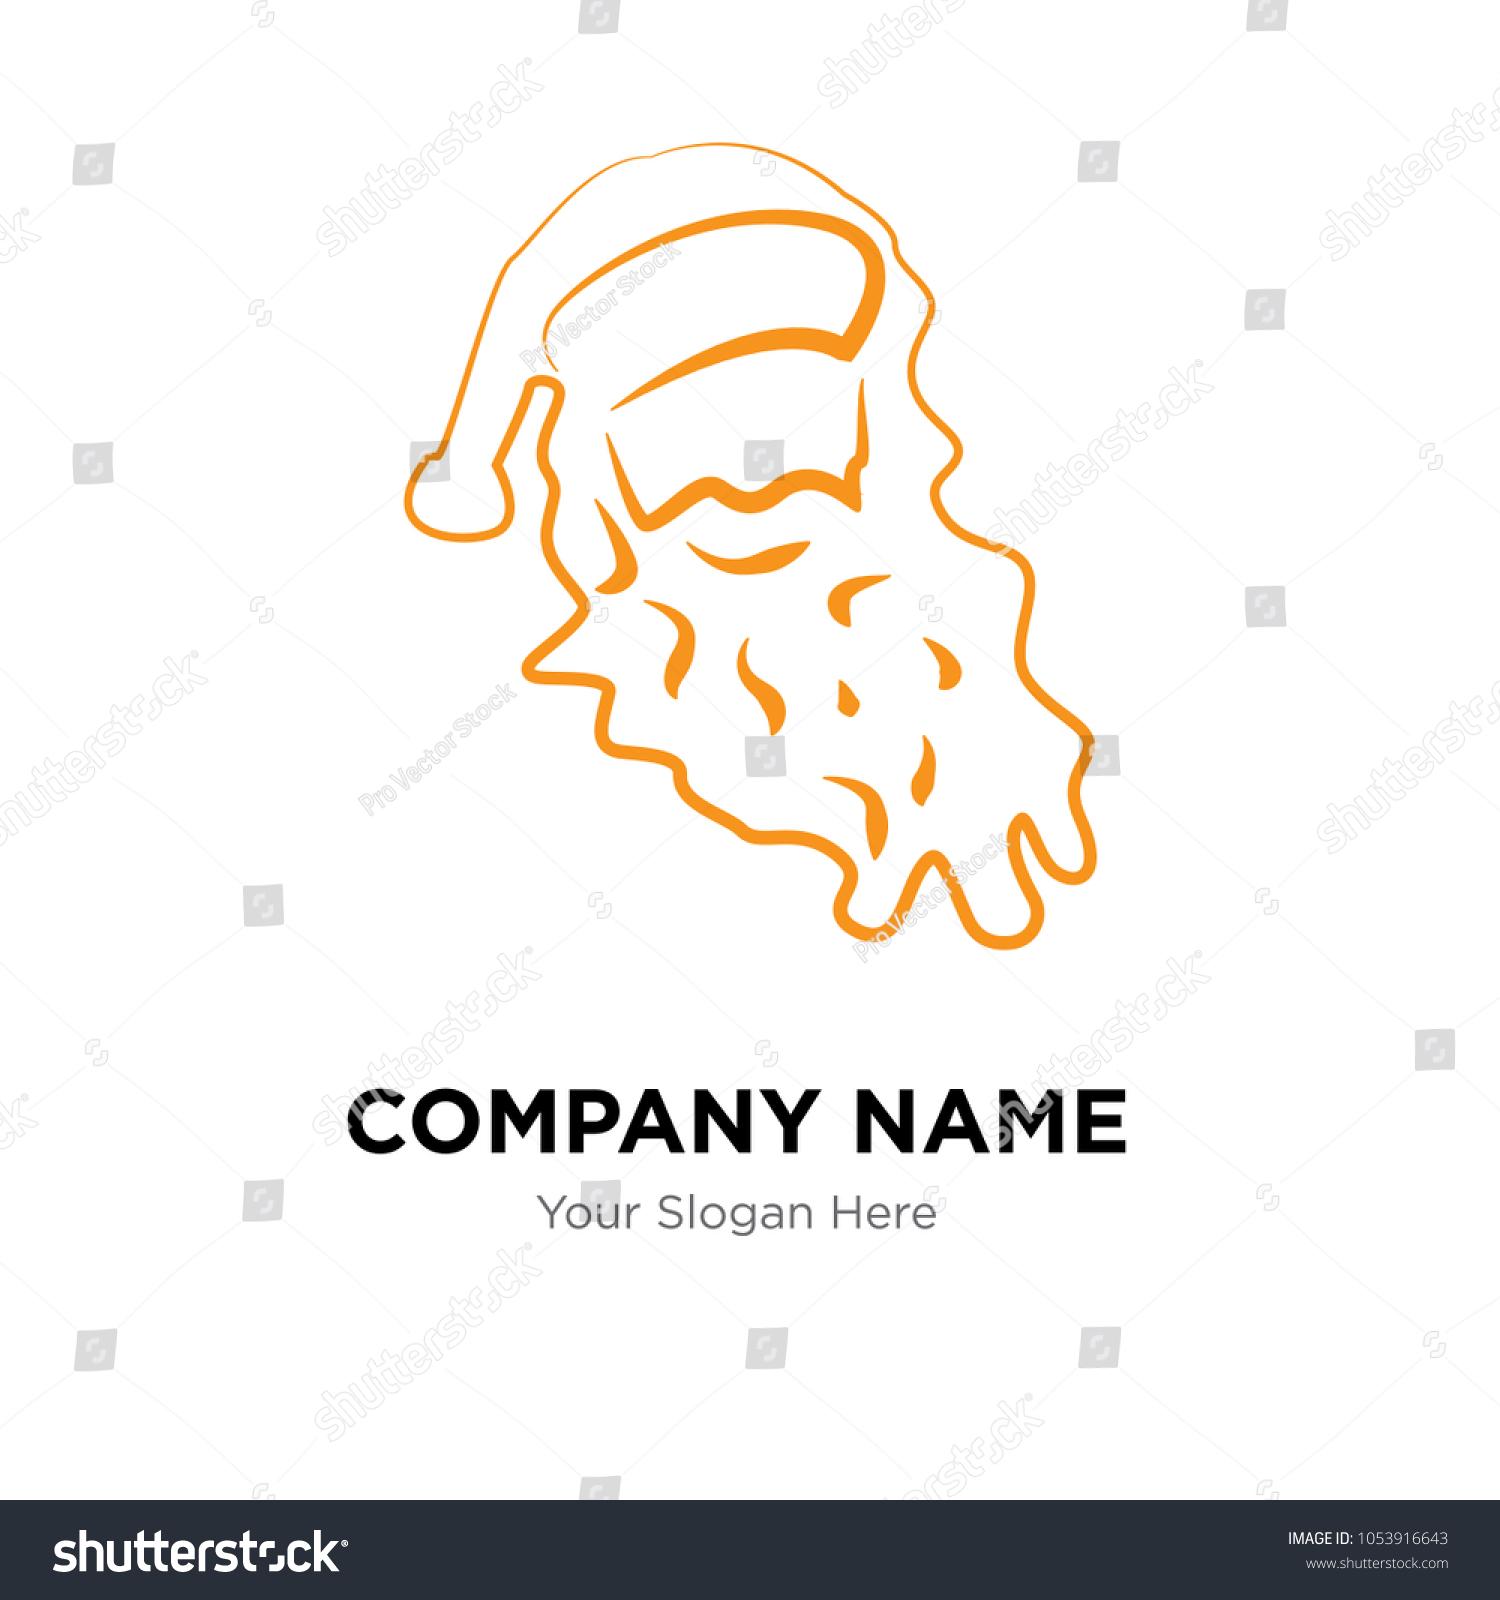 Santa Face Company Logo Design Template Stock Vector 1053916643 ...